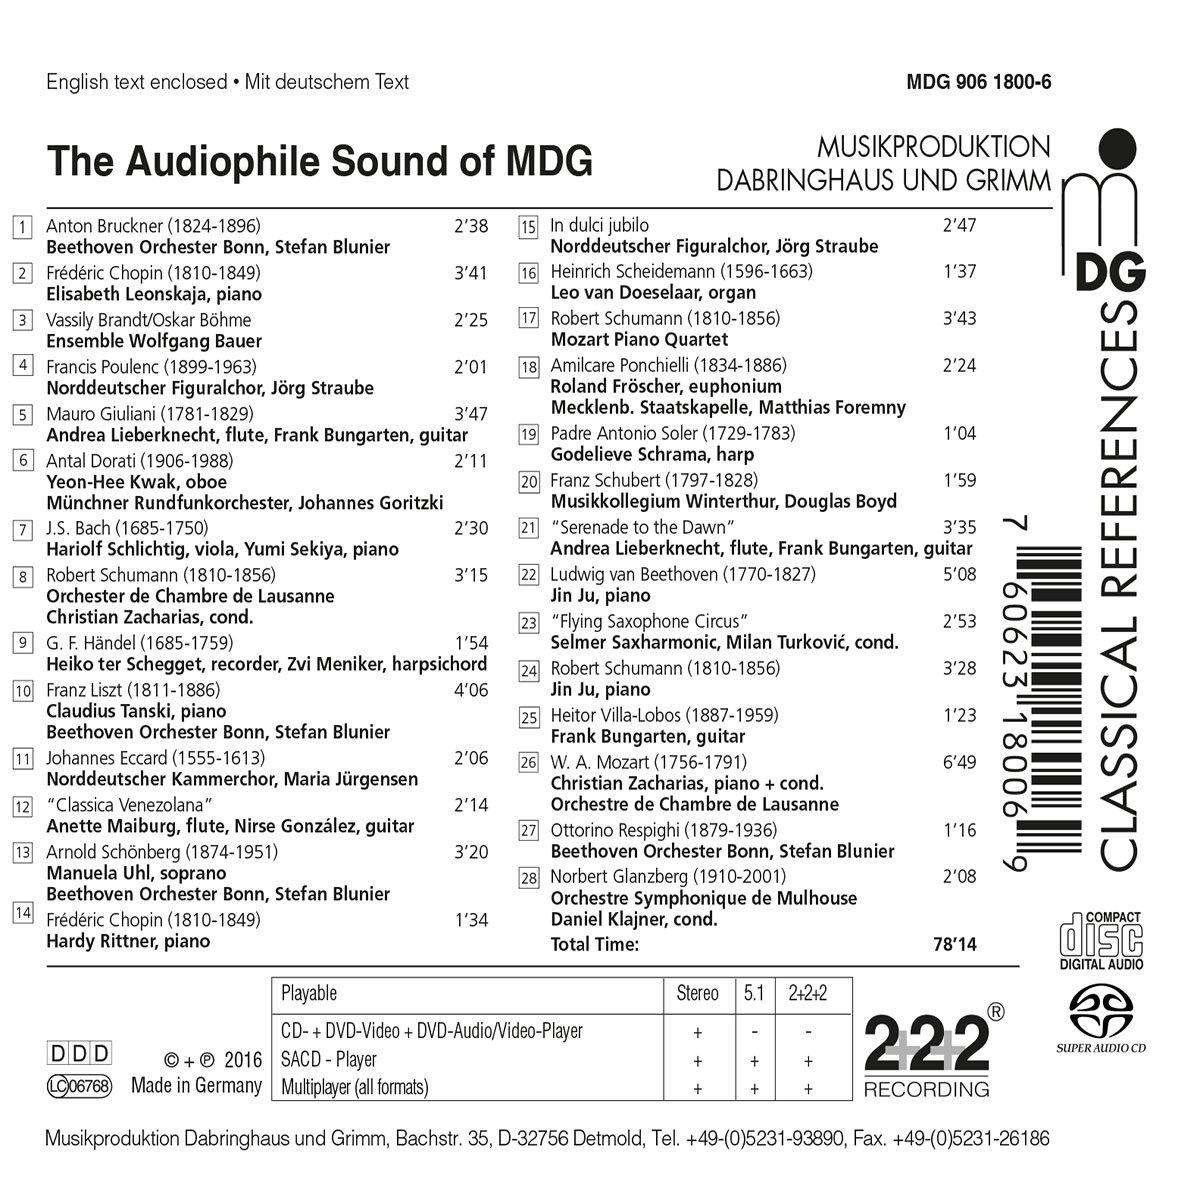 Různé značky MDG - The Audiophile Sound of Mdg